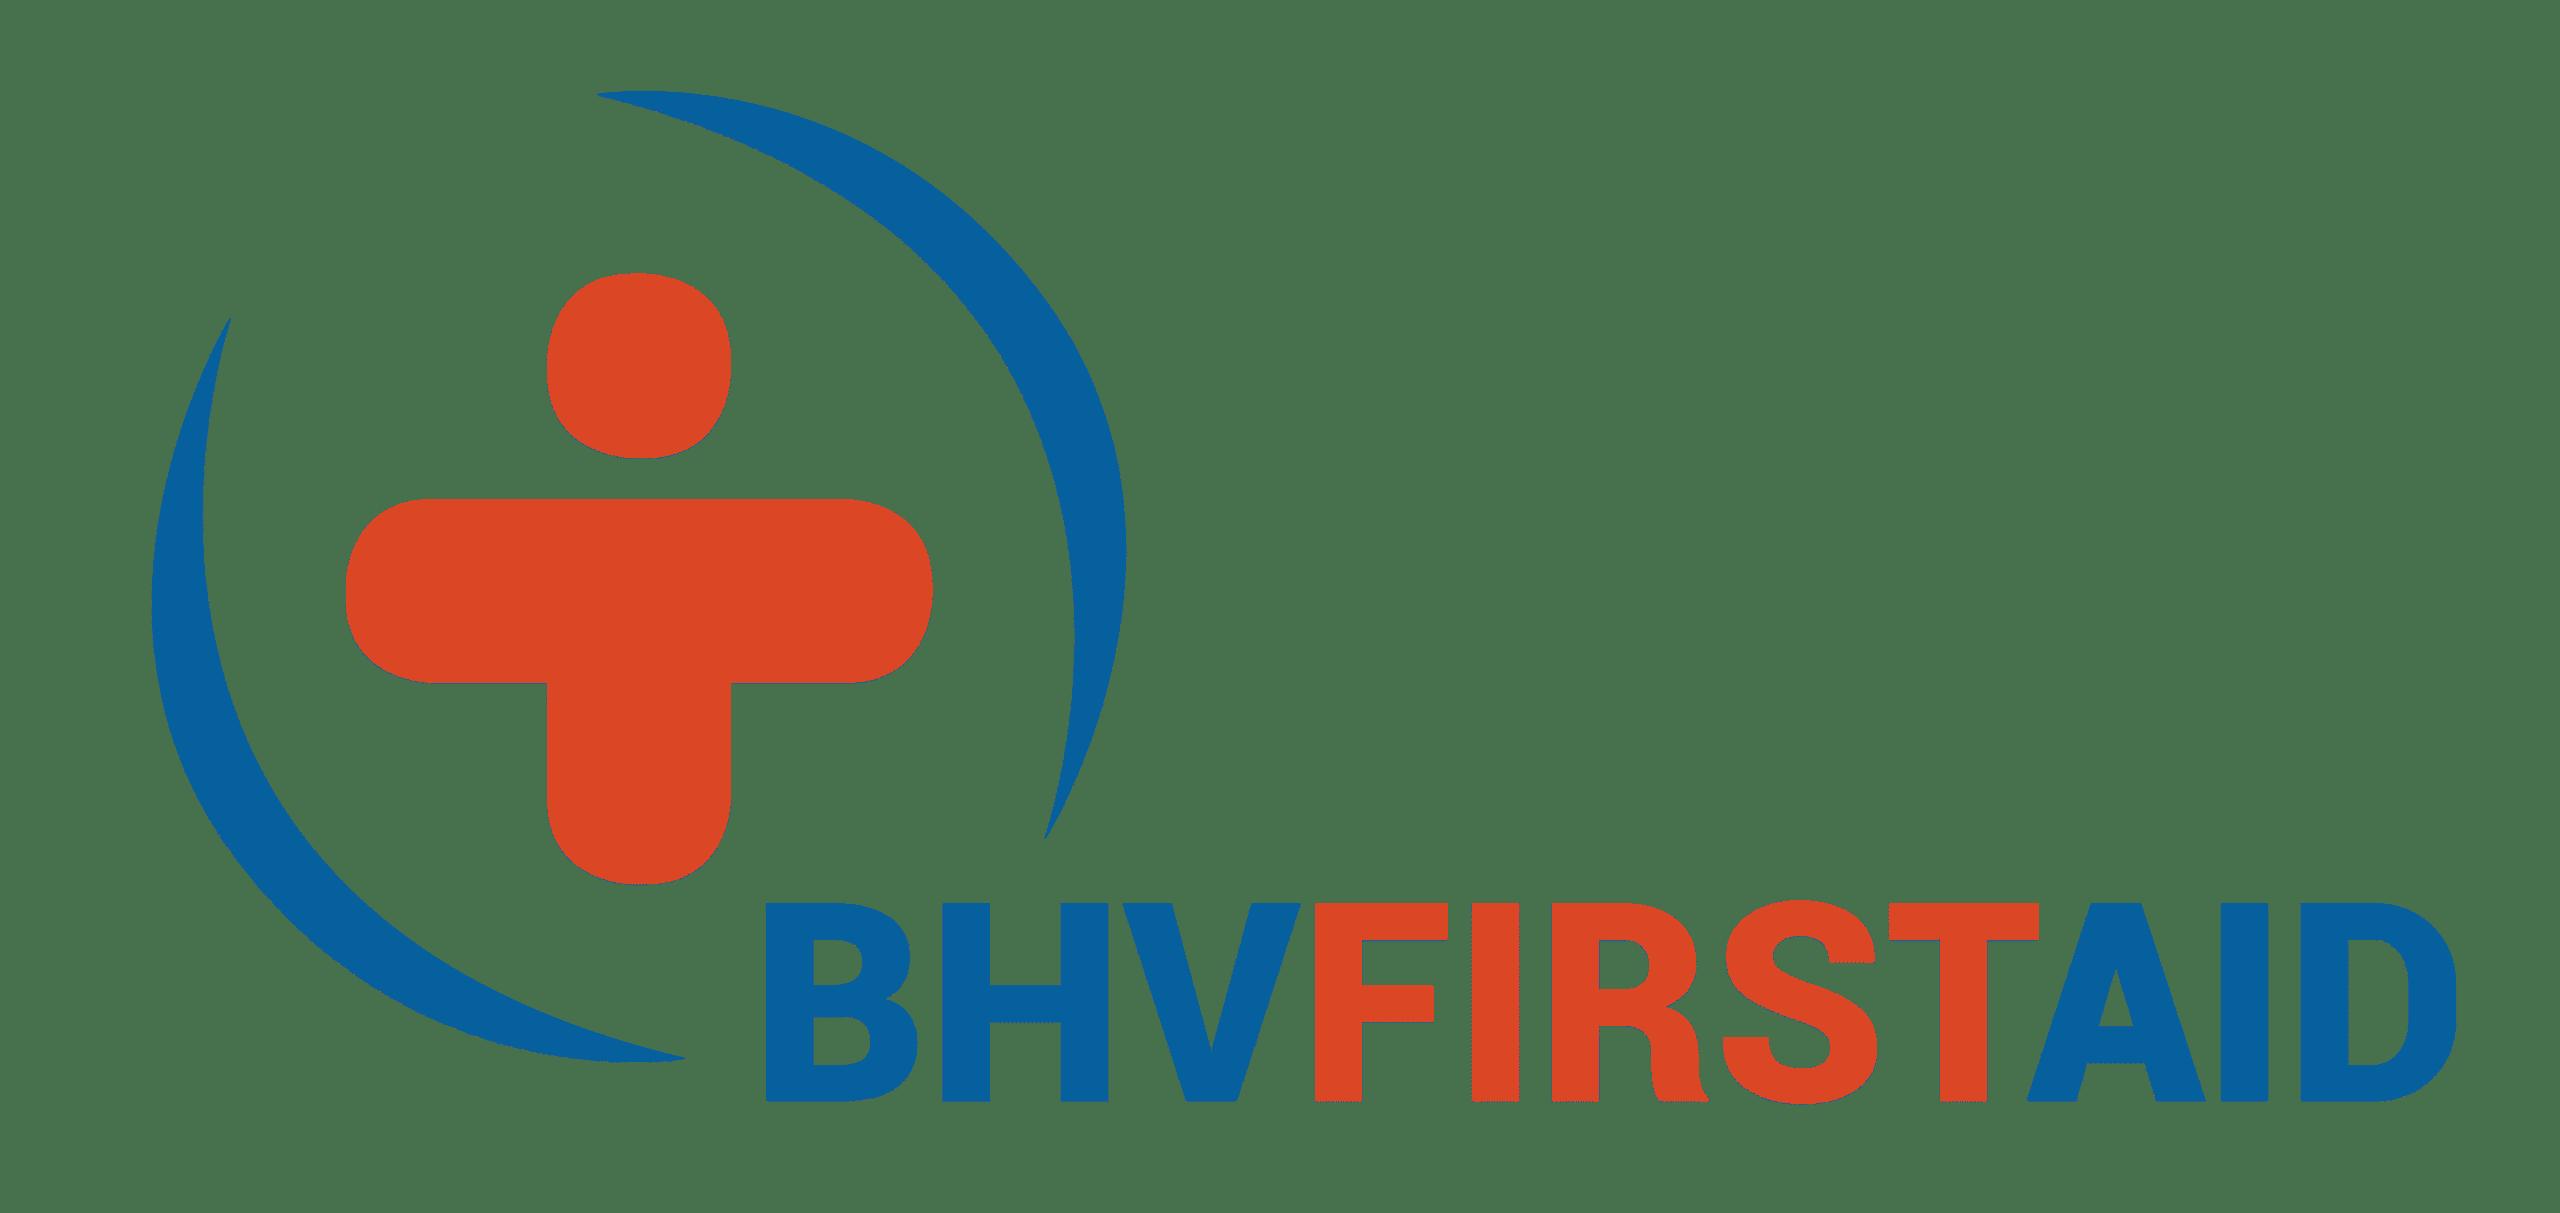 BHV-First Aid